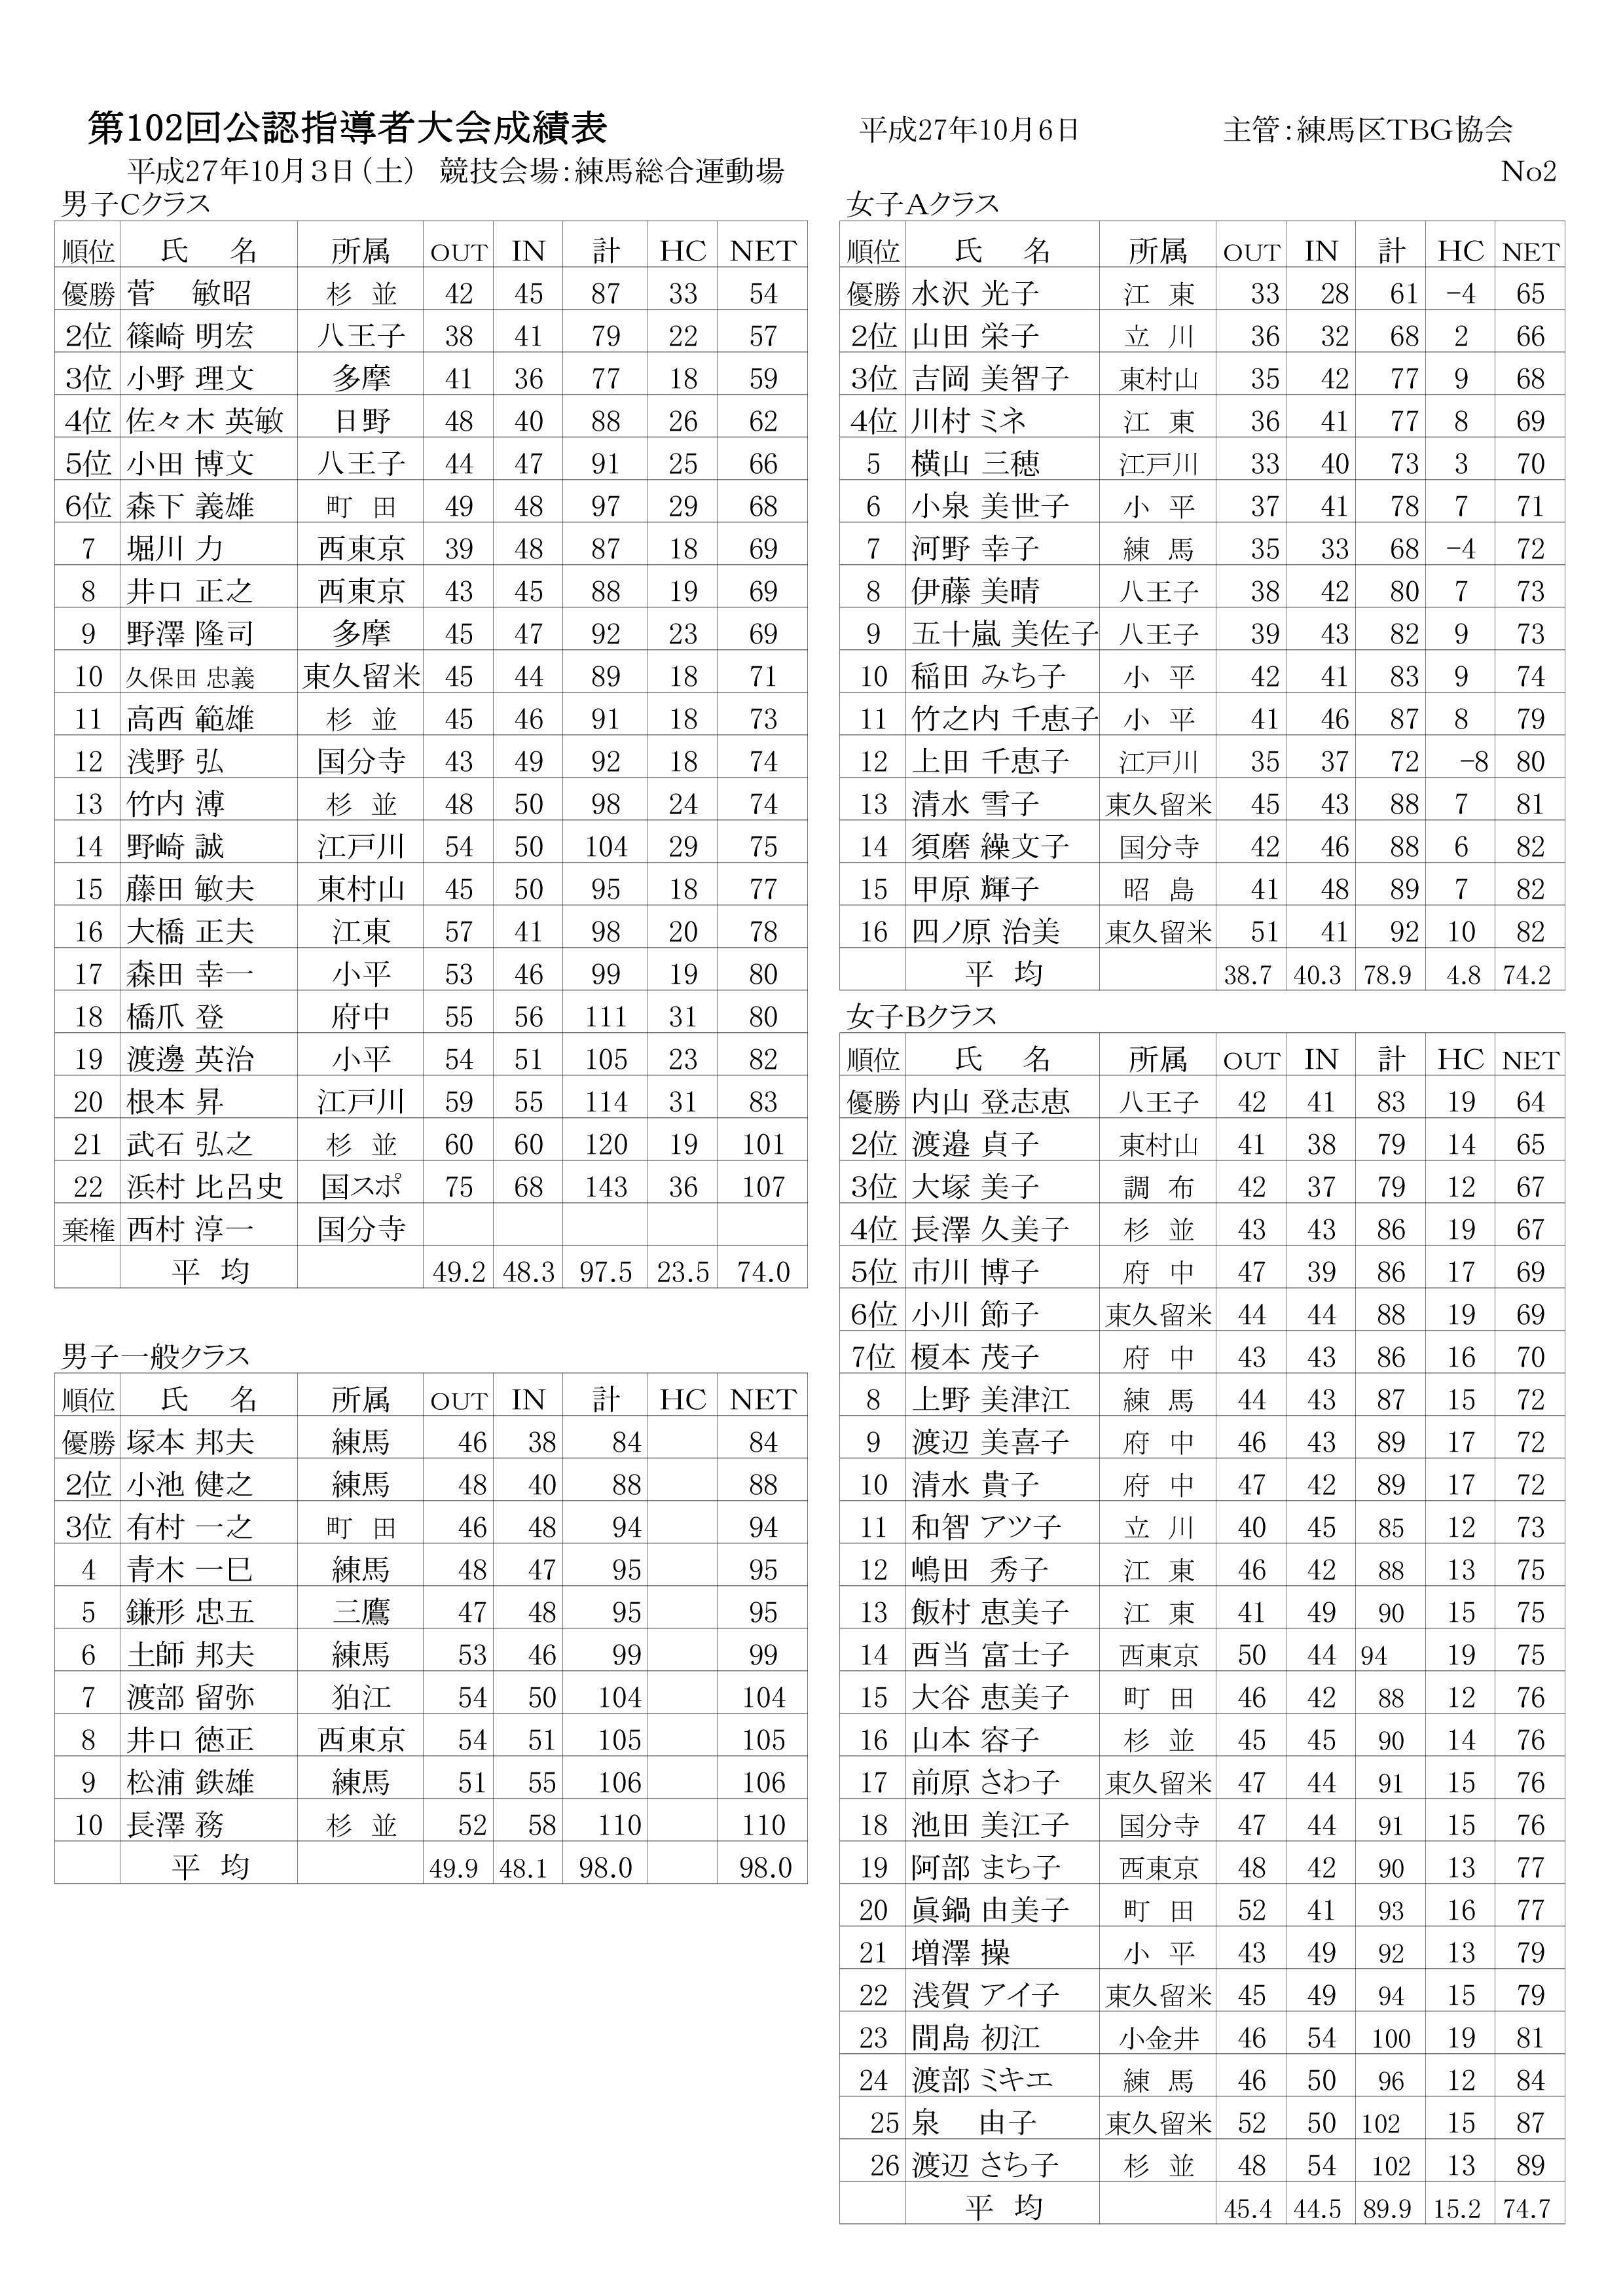 第102回公認指導者大会成績表(27.10.3.練馬総合運動場)-002